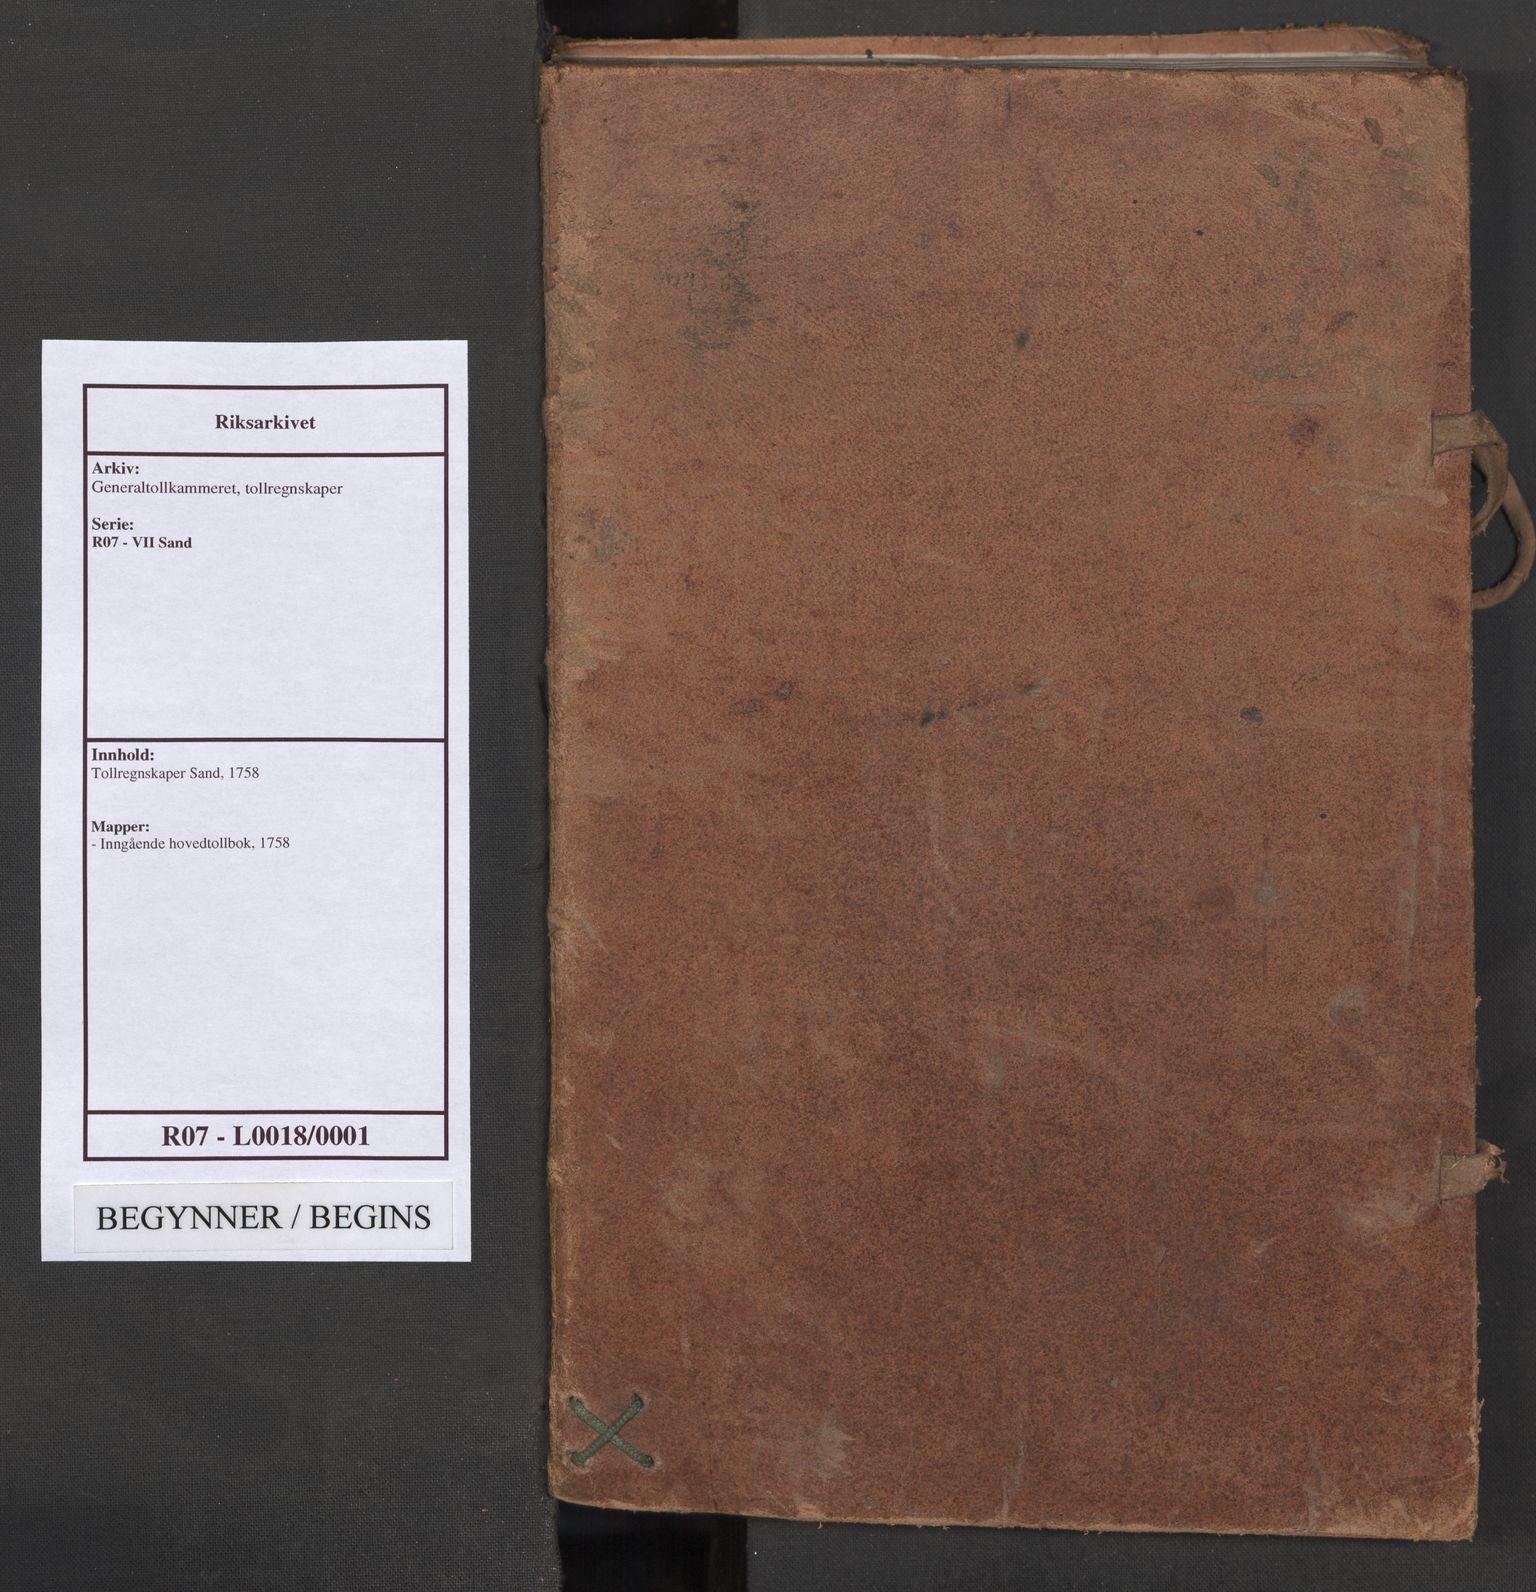 RA, Generaltollkammeret, tollregnskaper, R07/L0018: Tollregnskaper Sand, 1758